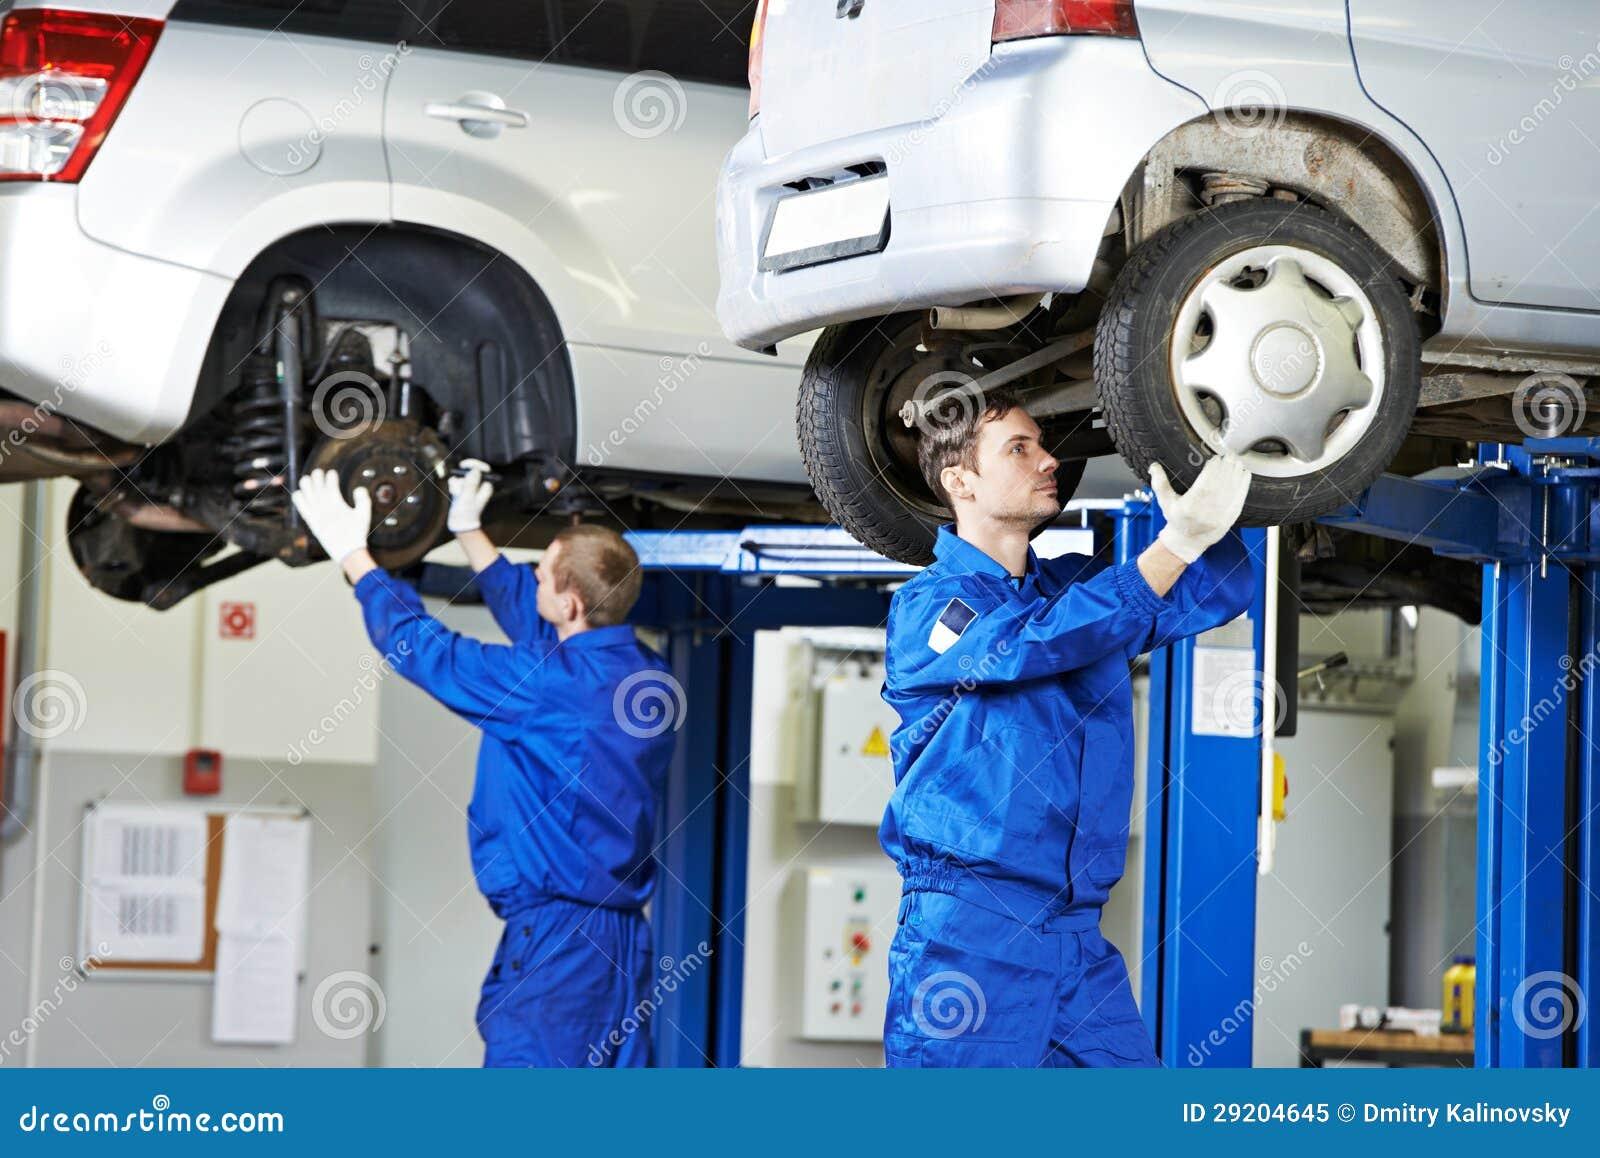 Auto mechanic at car suspension repair work royalty free for Motor vehicle repair license